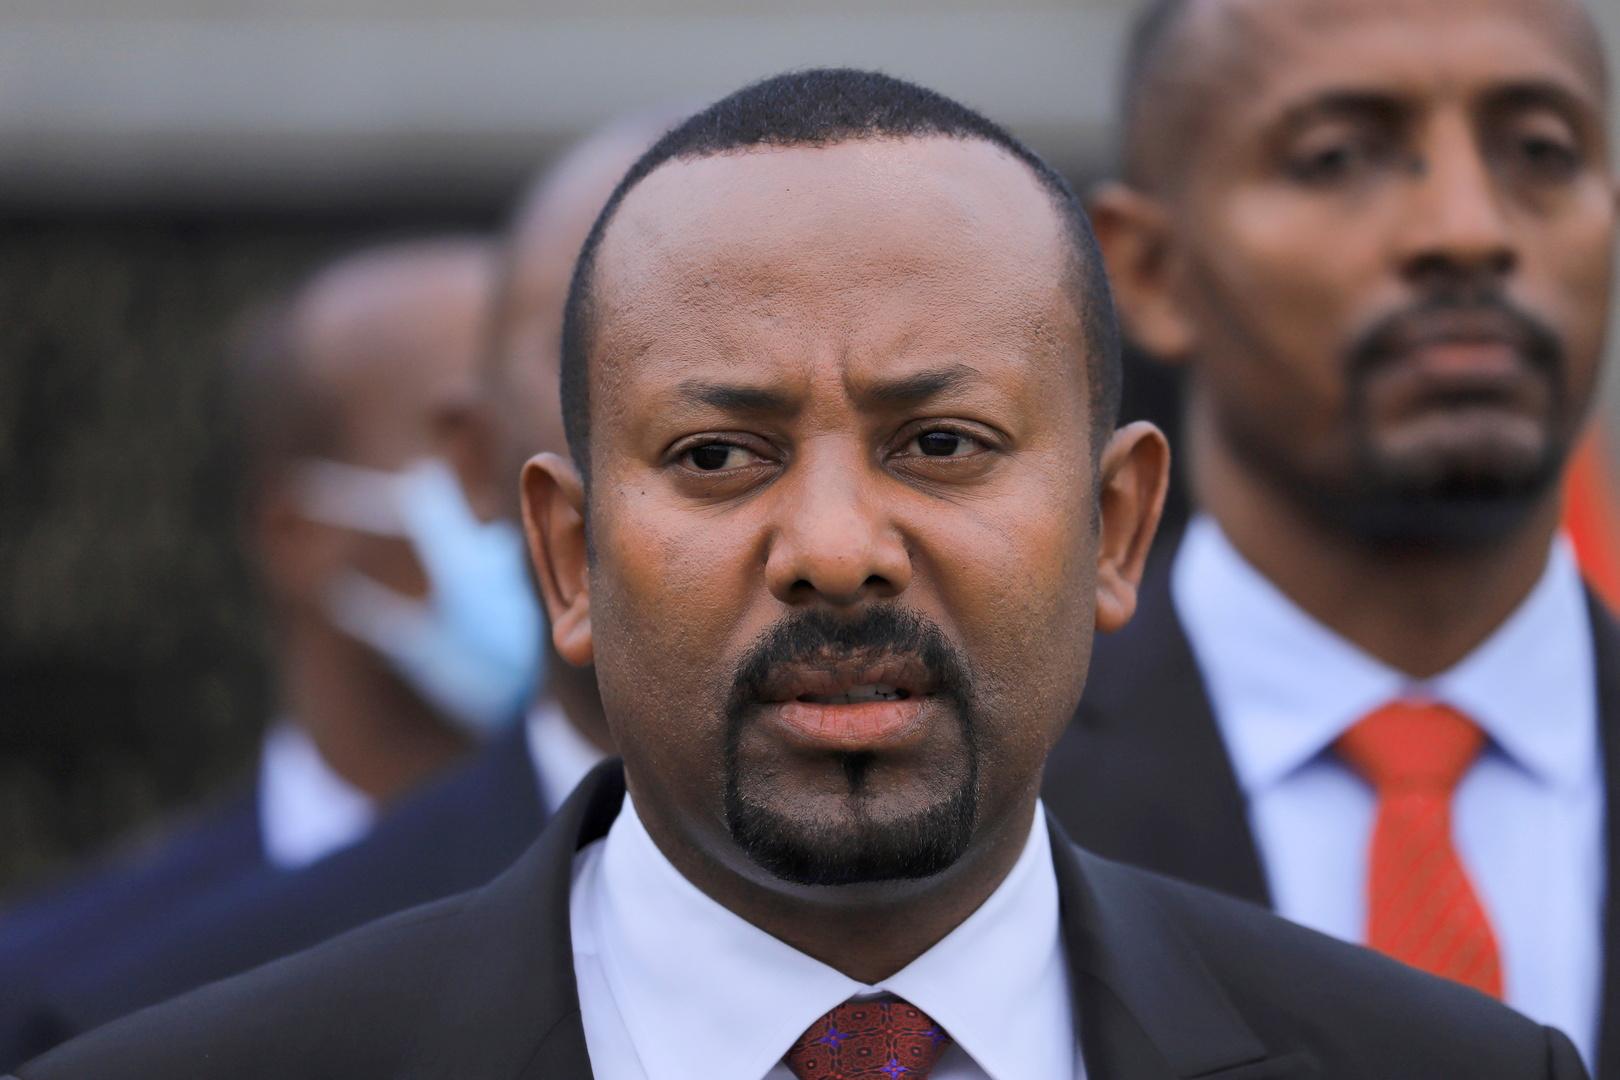 رئيس وزراء إثيوبيا: الجيش انسحب من تيغراي لأنه